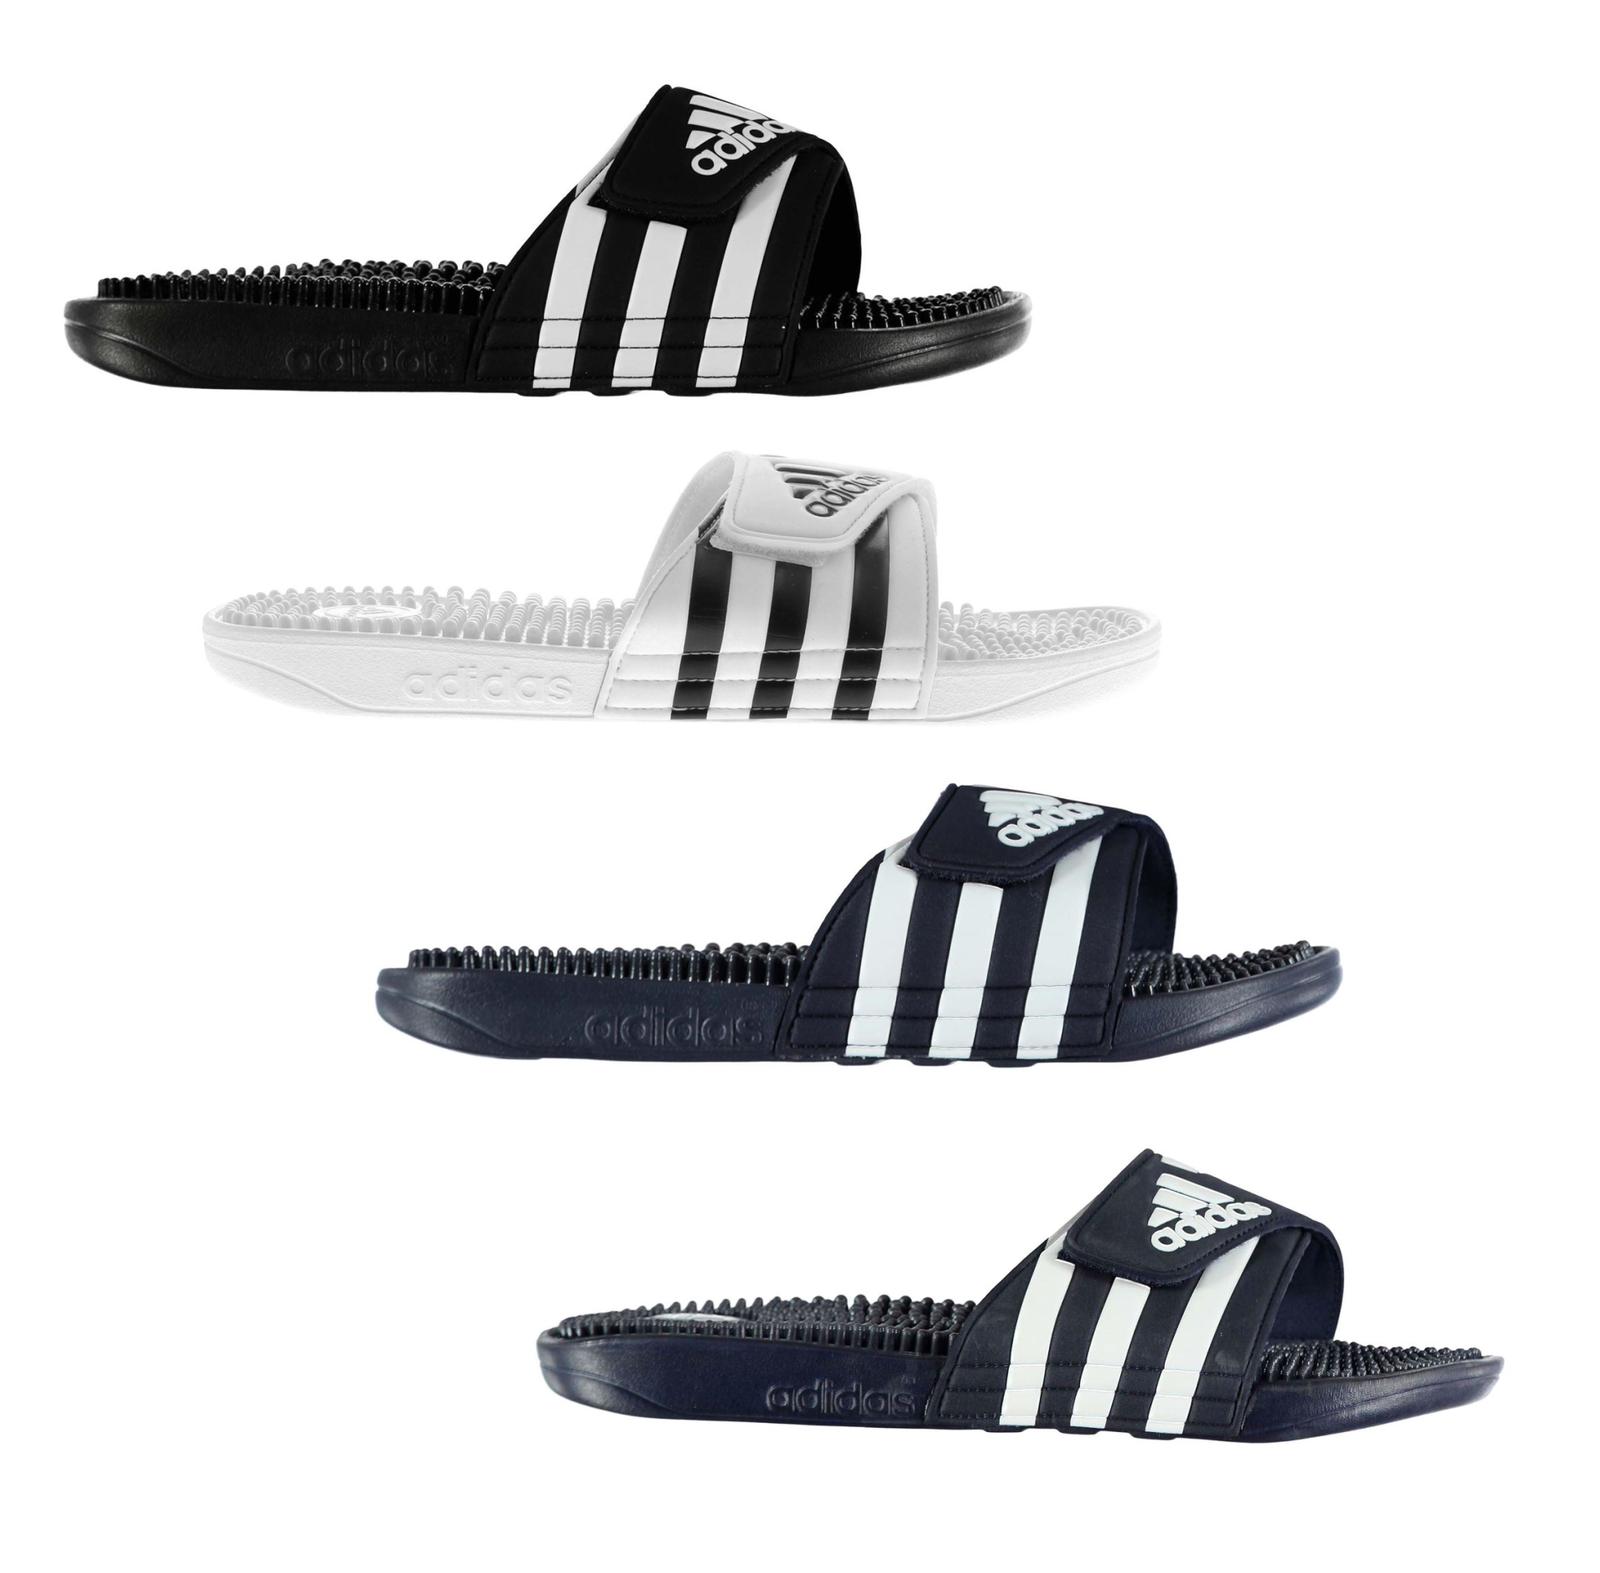 Bestellen Sie jetzt die niedrigsten Preise Adidas Herren